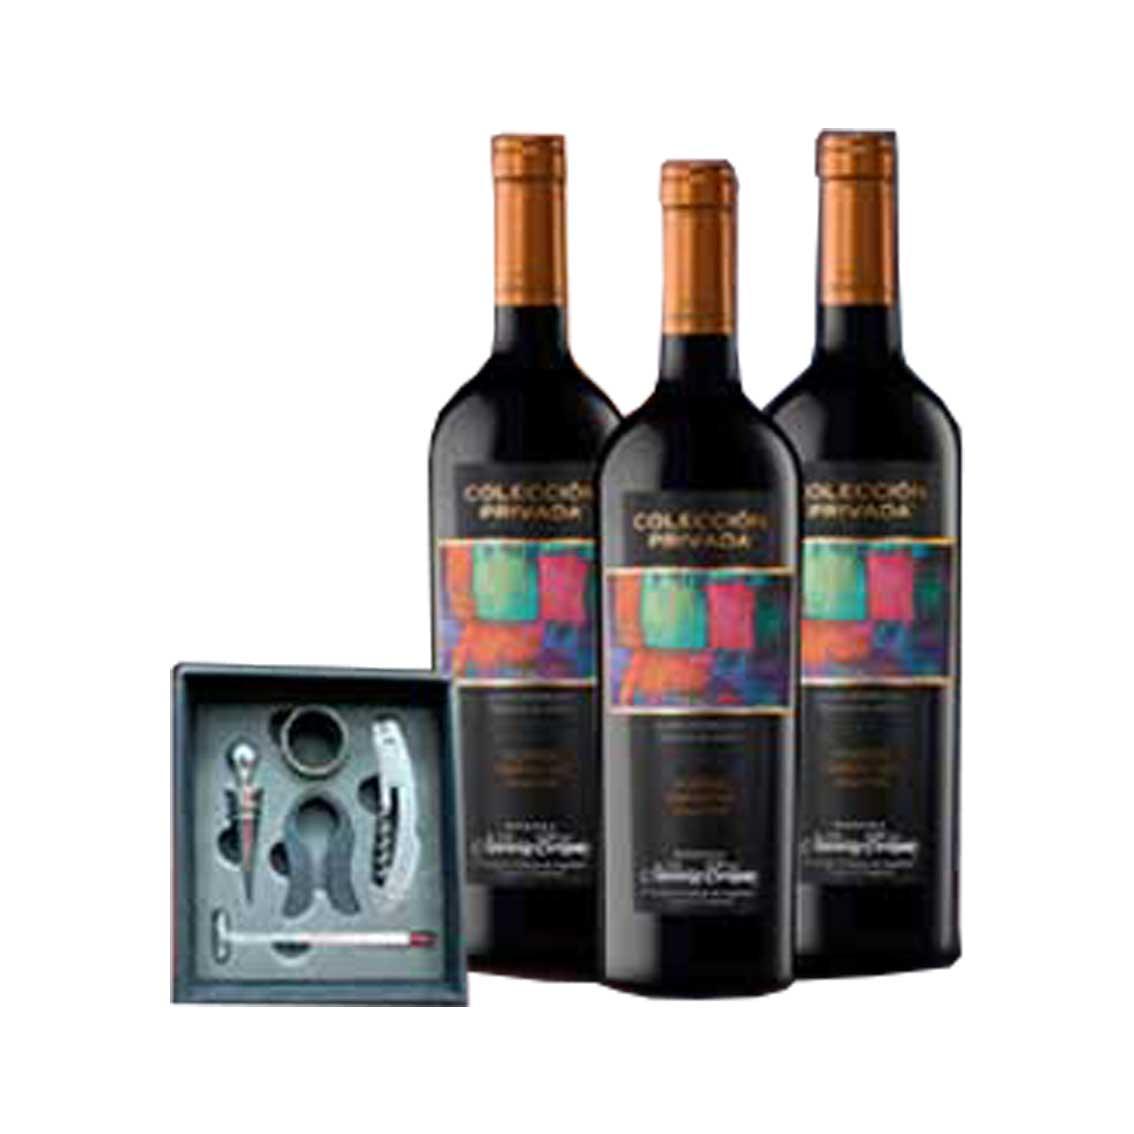 Pack de 3 Vinos NAVARRO CORREAS Colección Privada Blend Botella 750ml + Kit Vinero